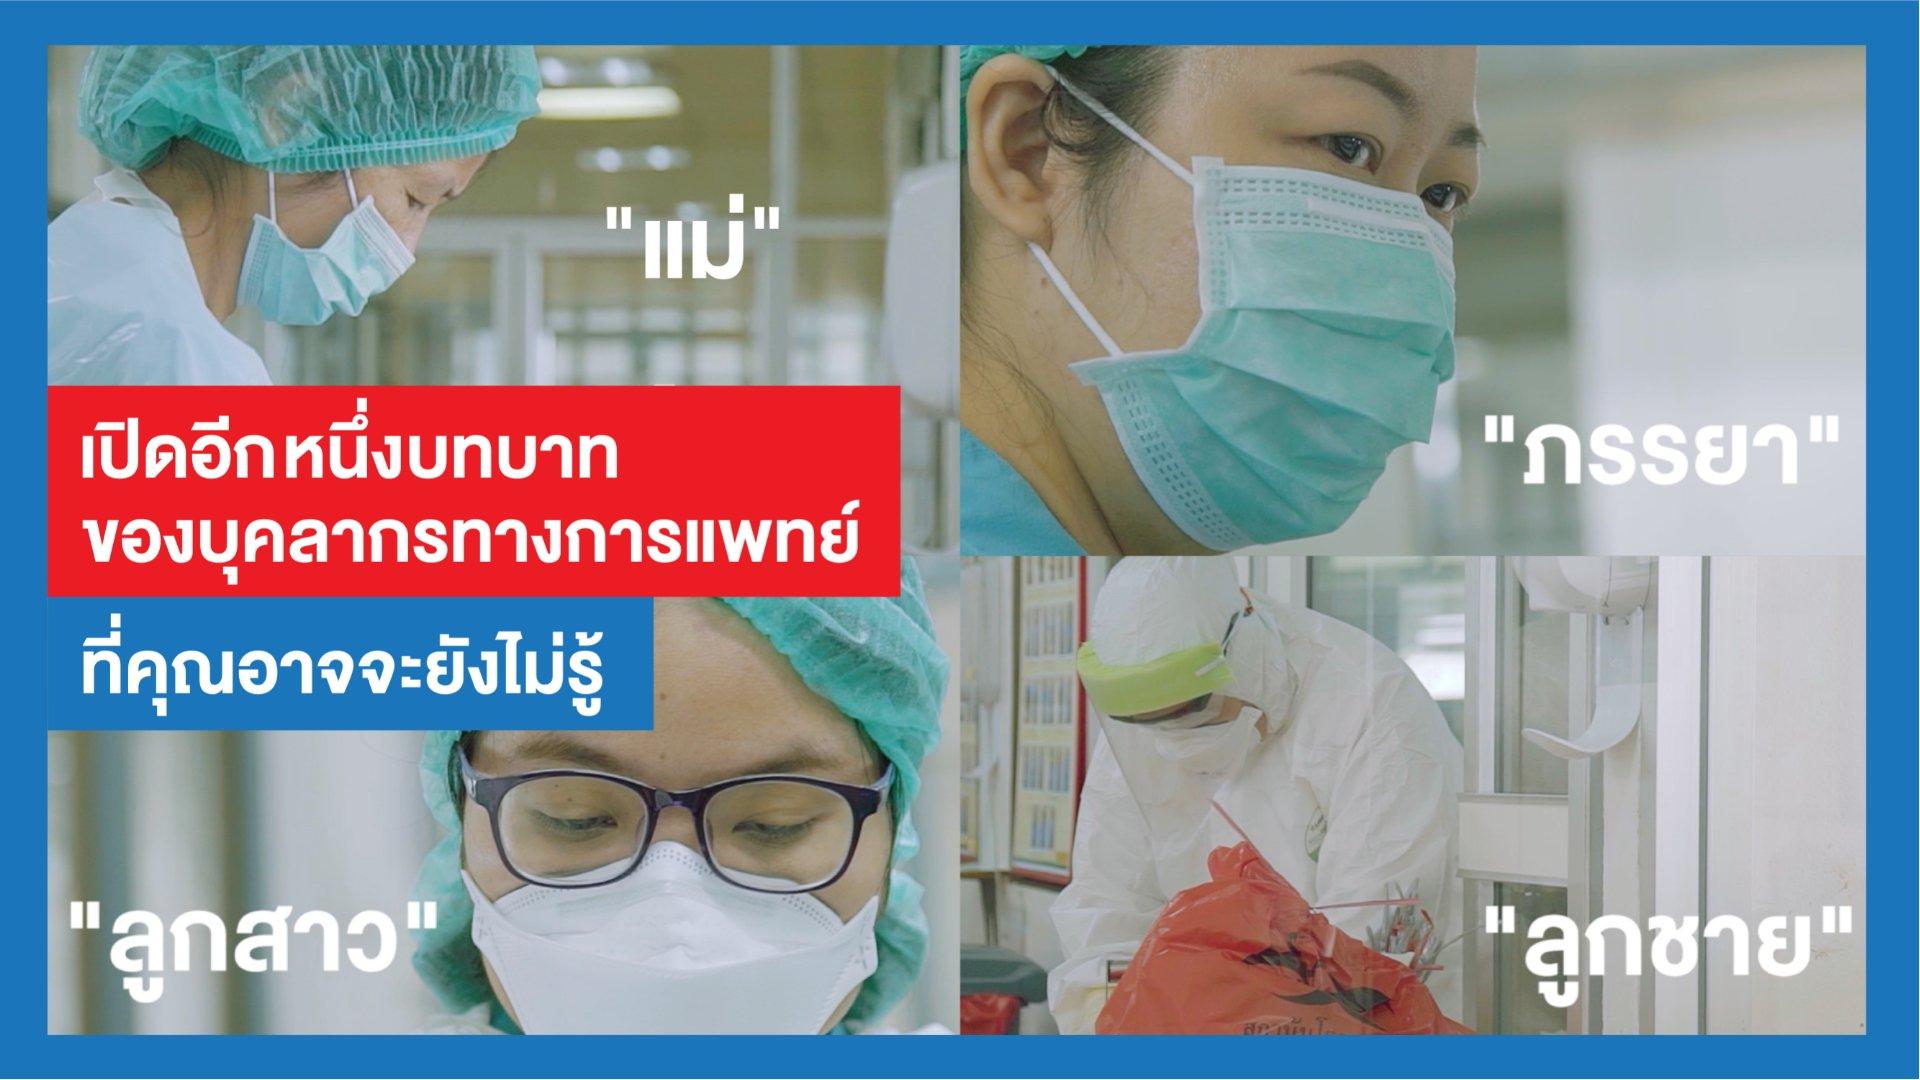 สสส.ชวนแชร์คลิปให้กำลังใจบุคลากรทางการแพทย์ พร้อมชวนคนไทยไม่ปิดบังข้อมูลเวลาป่วยเพื่อบรรเทาวิกฤติโควิด-19  thaihealth